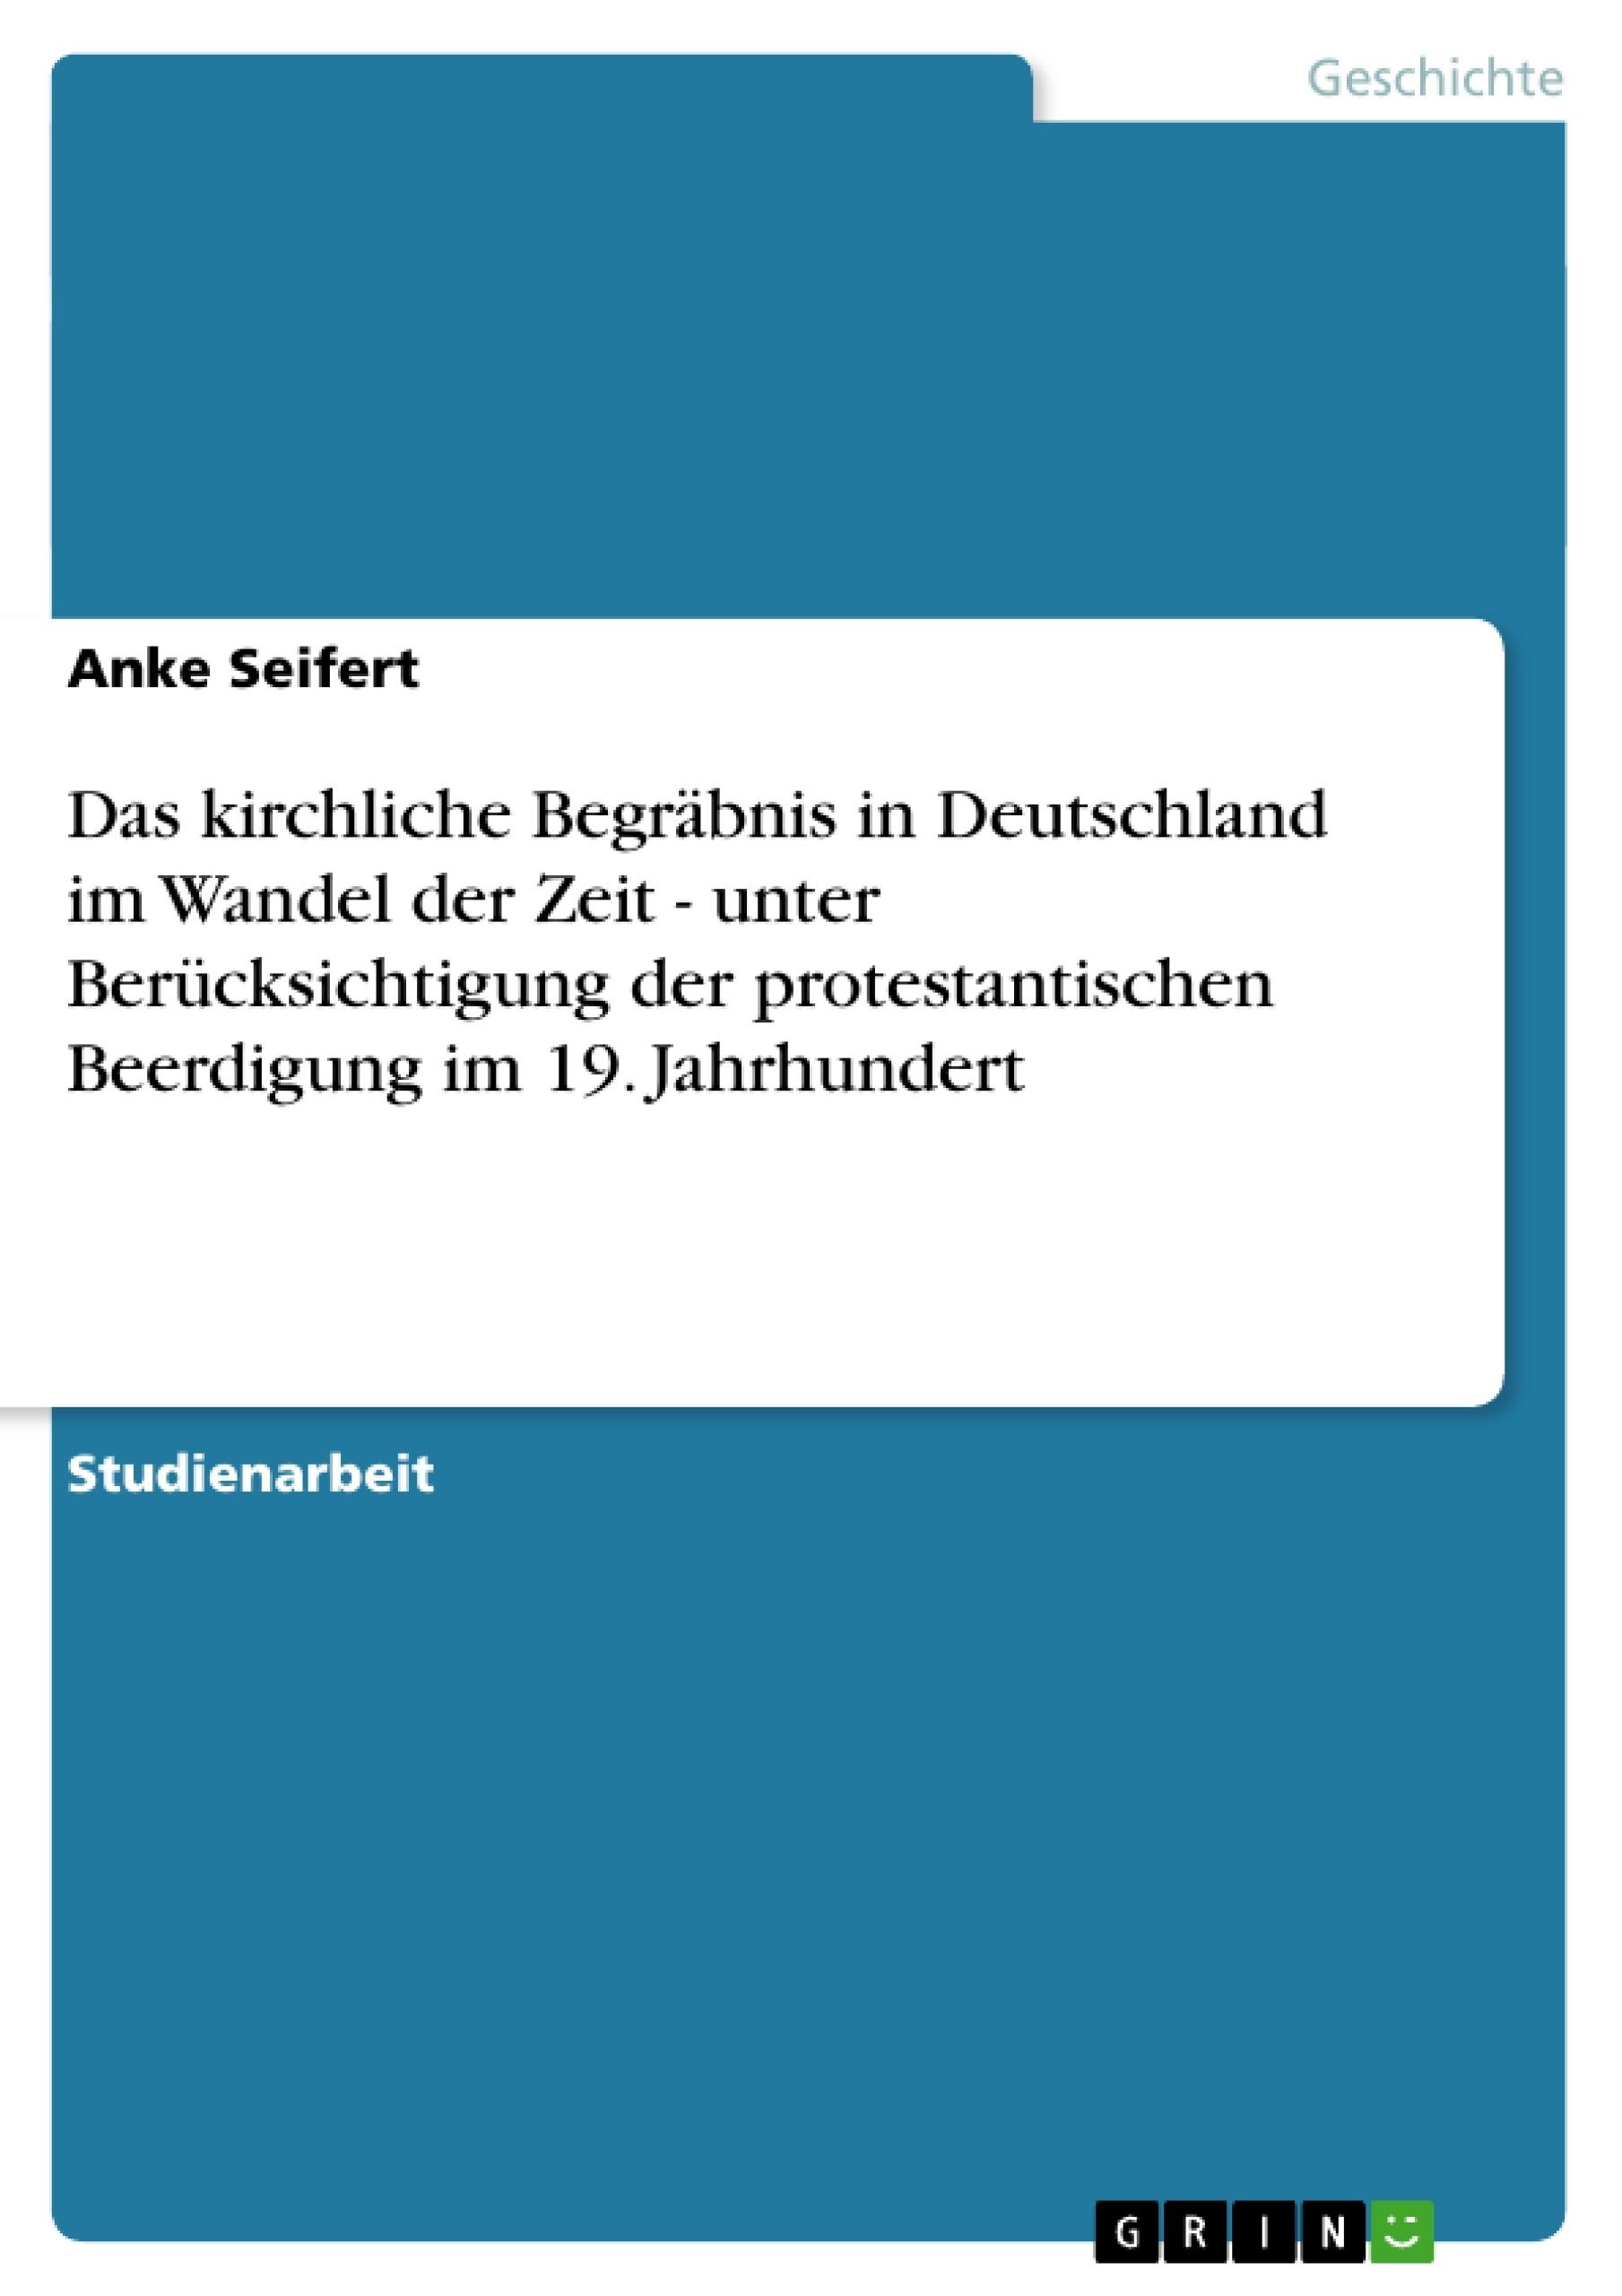 Titel: Das kirchliche Begräbnis in Deutschland im Wandel der Zeit - unter Berücksichtigung der protestantischen Beerdigung im 19. Jahrhundert